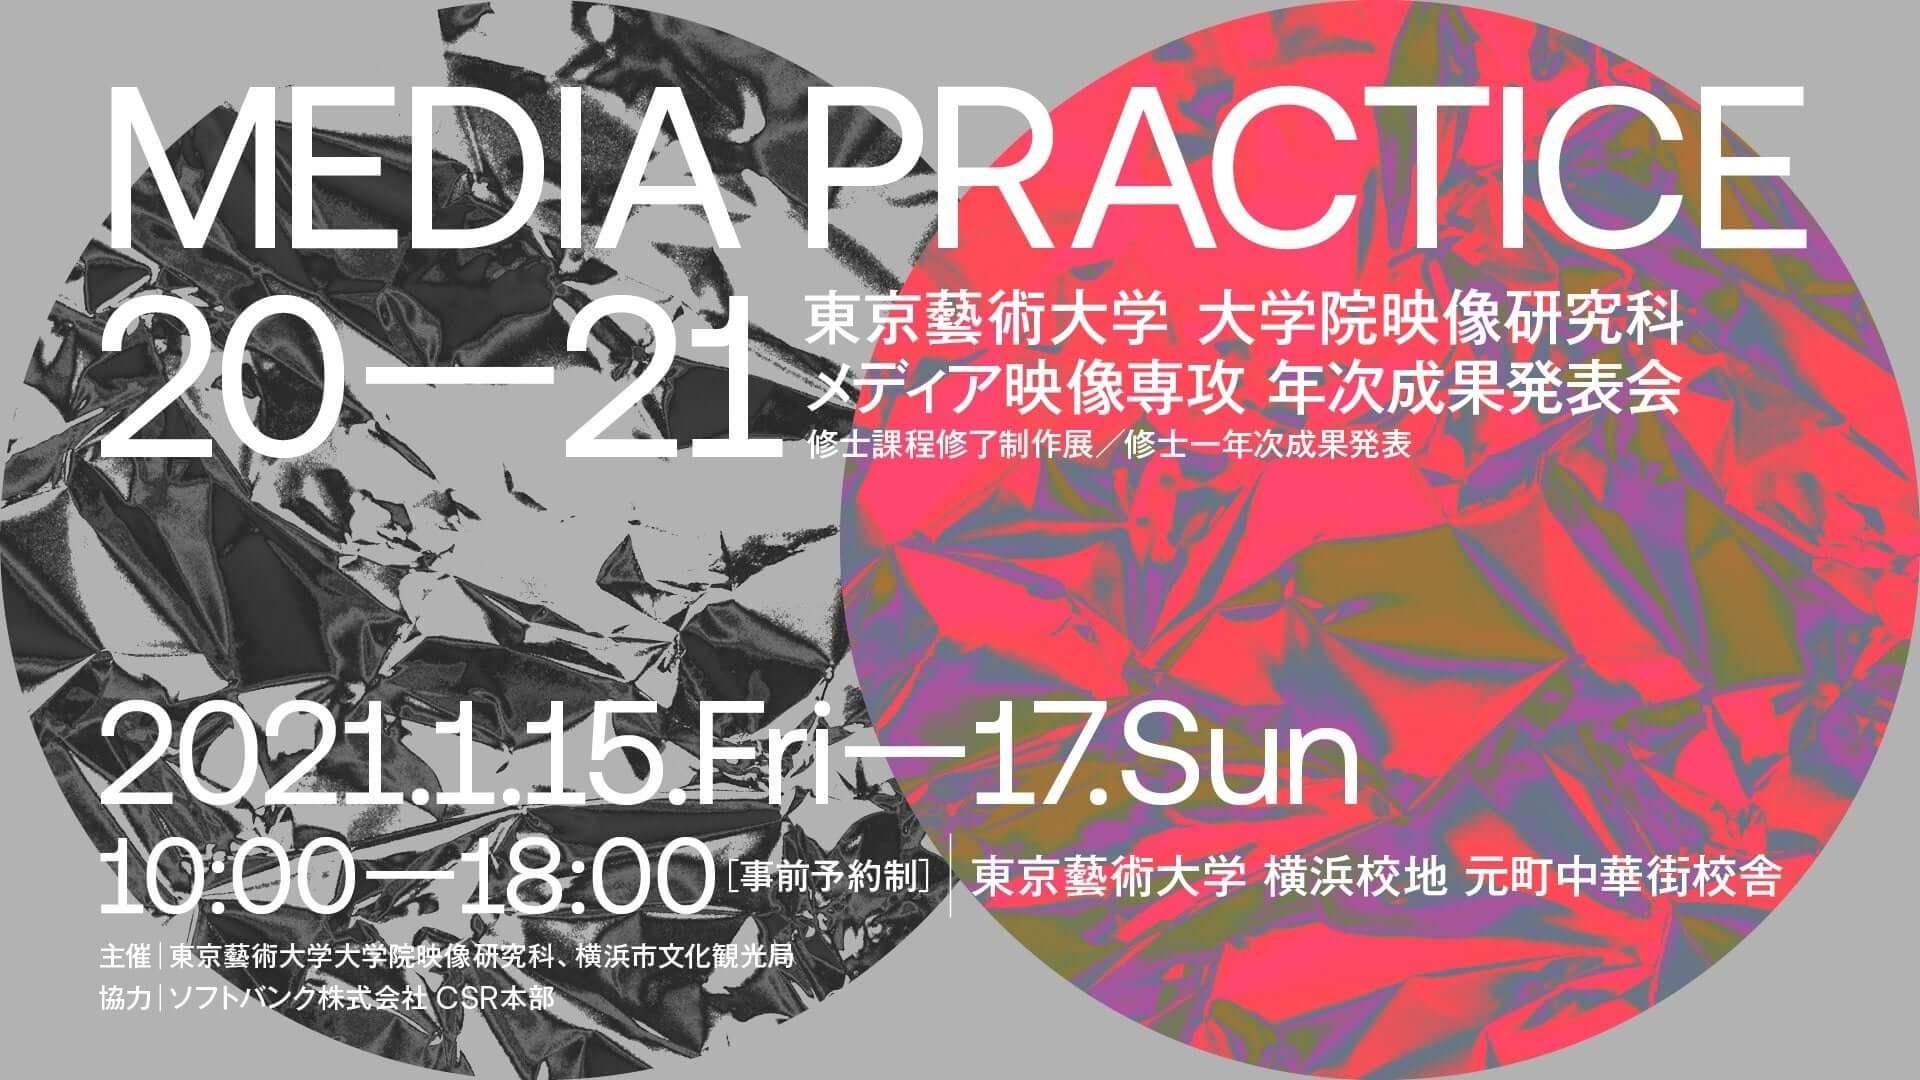 東京藝術大学大学院映像研究科メディア映像専攻の成果発表会が開催決定!インスタレーションや映像作品など多数展示 art210112_mediapractice_1-1920x1080